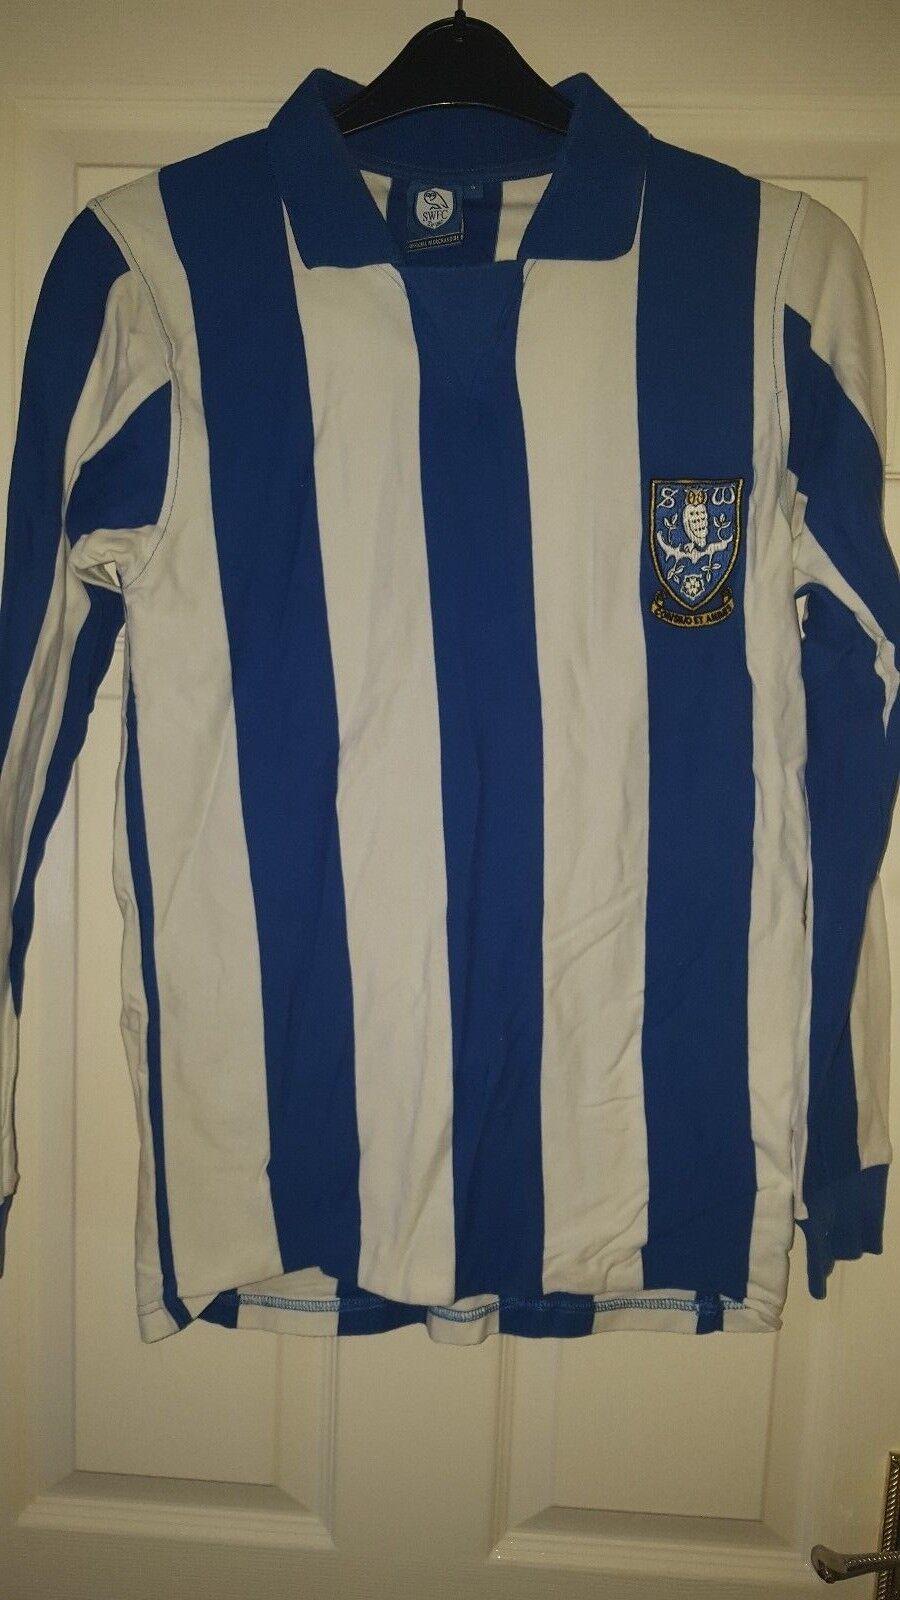 Camicia calcio da uomo-Sheffield Wednesday FC-swfc Retrò Ufficiale Replica Replica Replica 1970s 8d8263